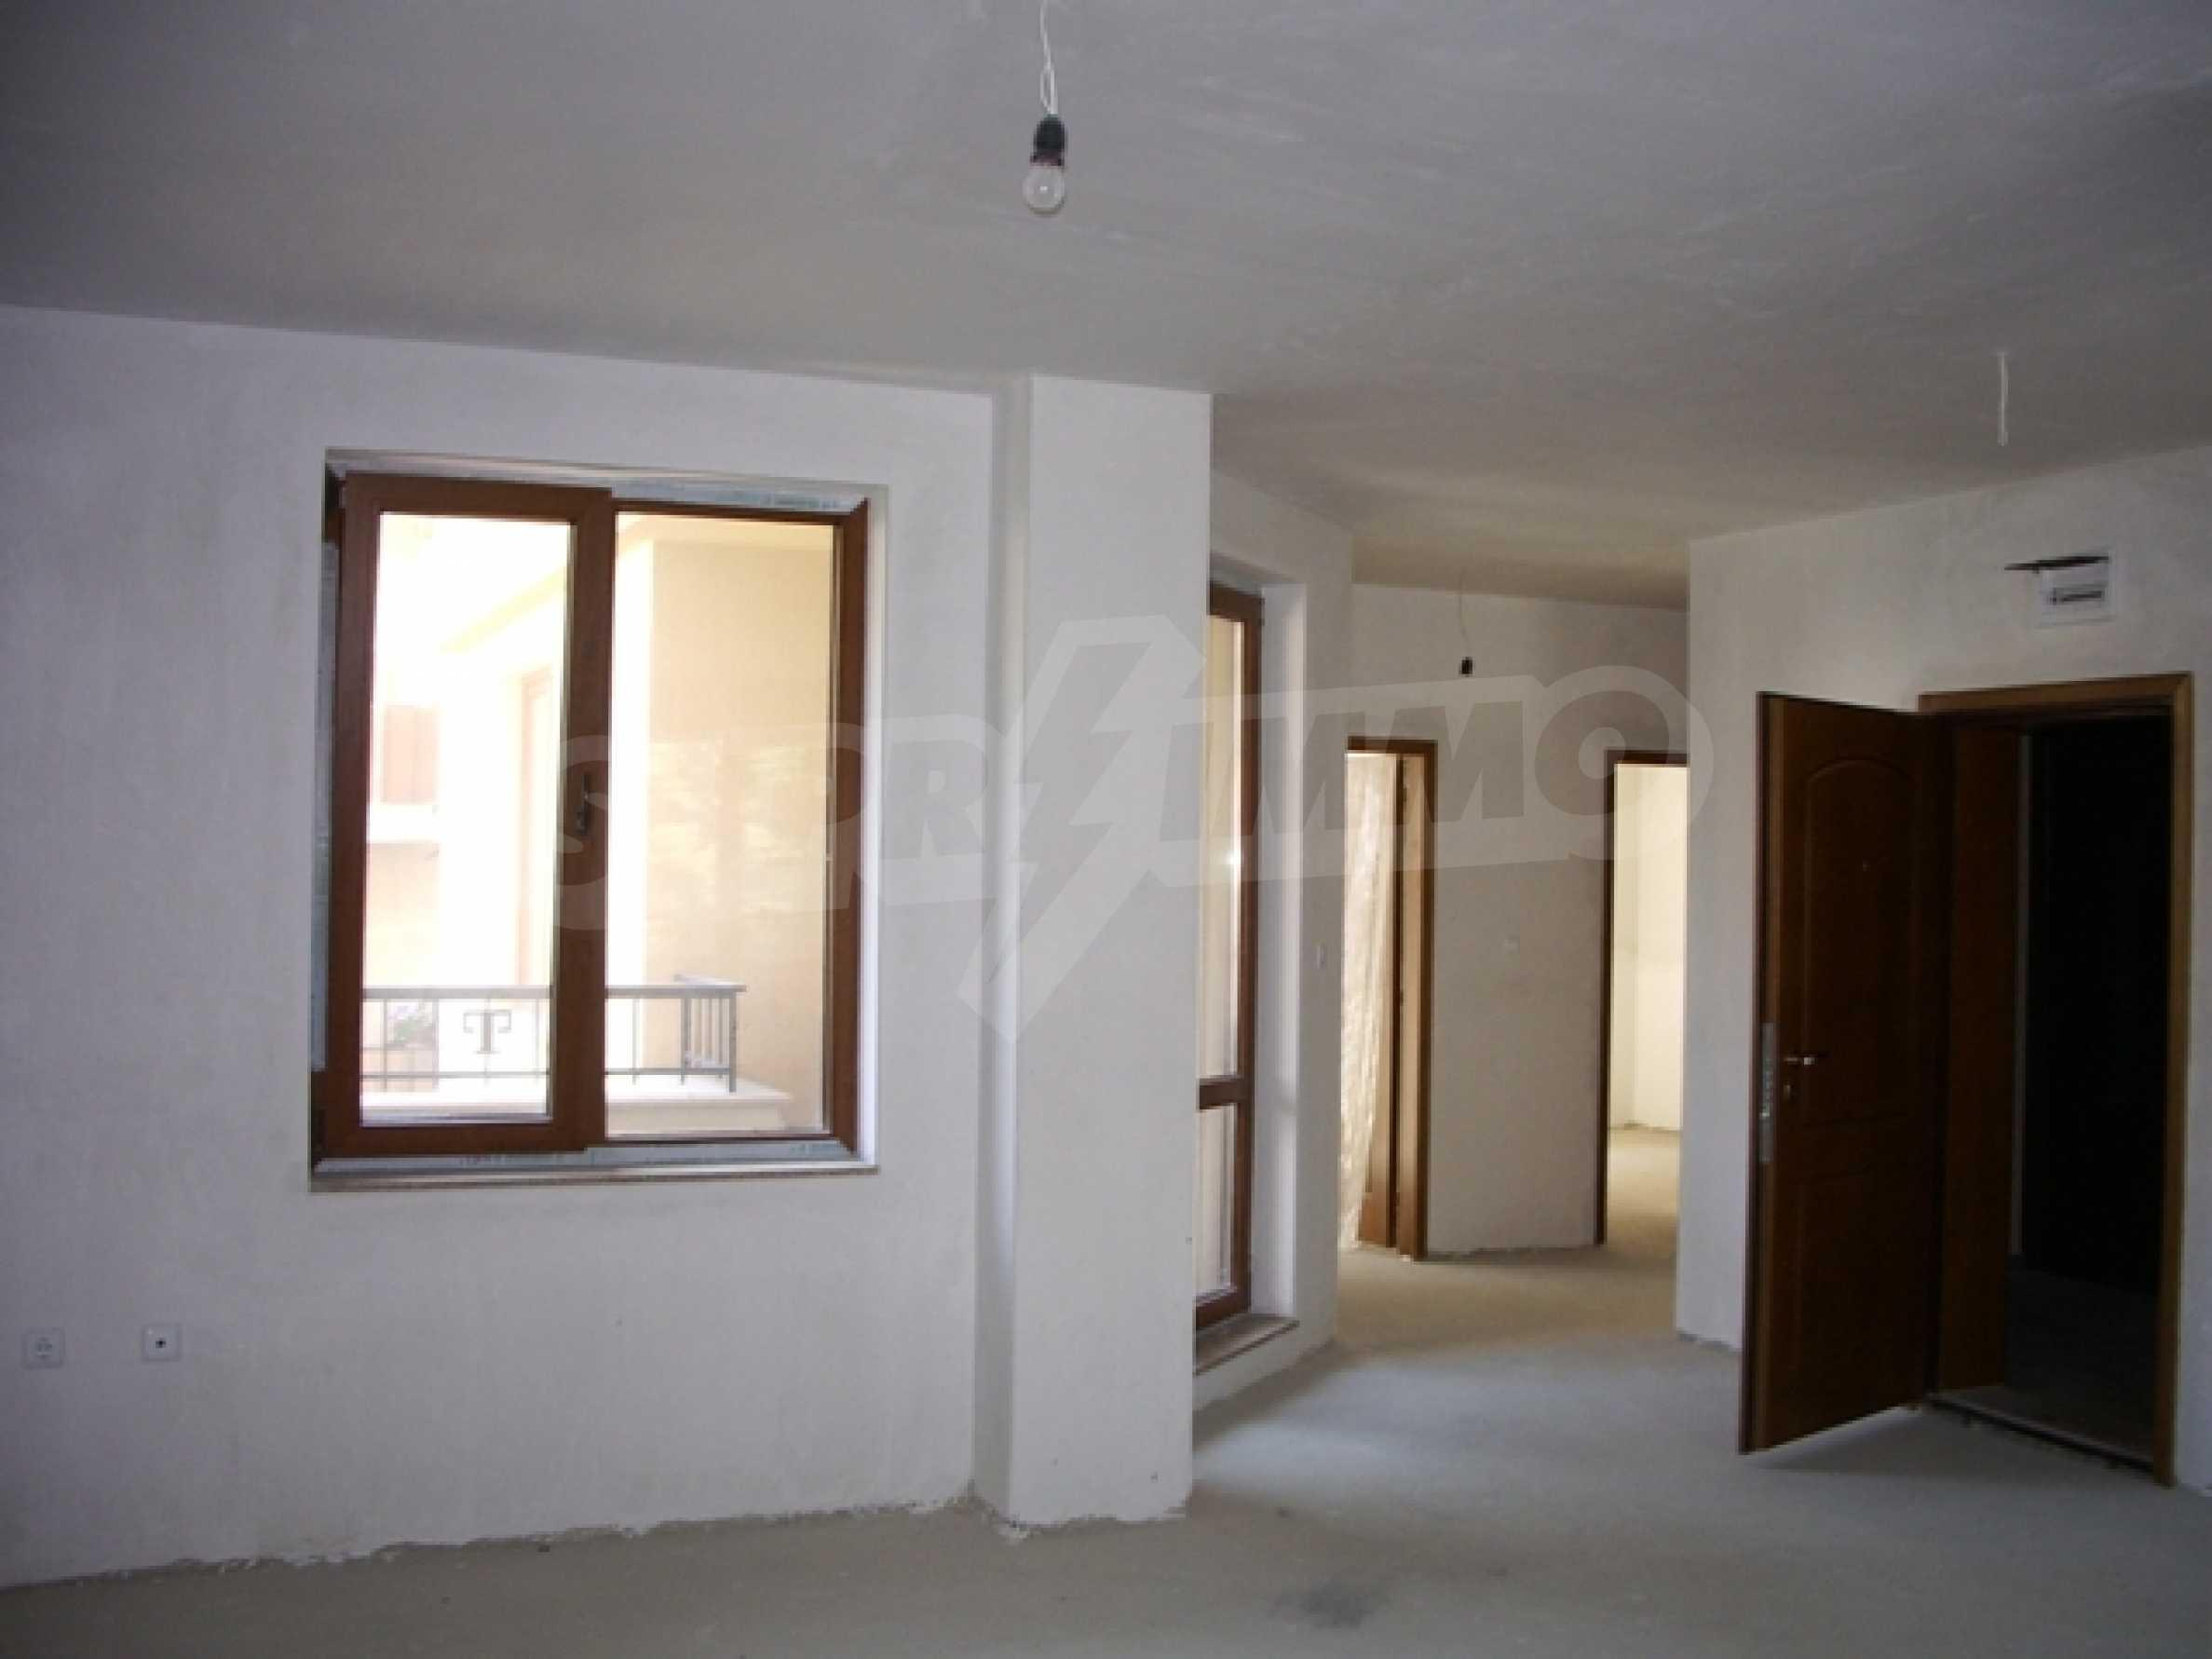 Апартаменти и офис в стилна сграда 11